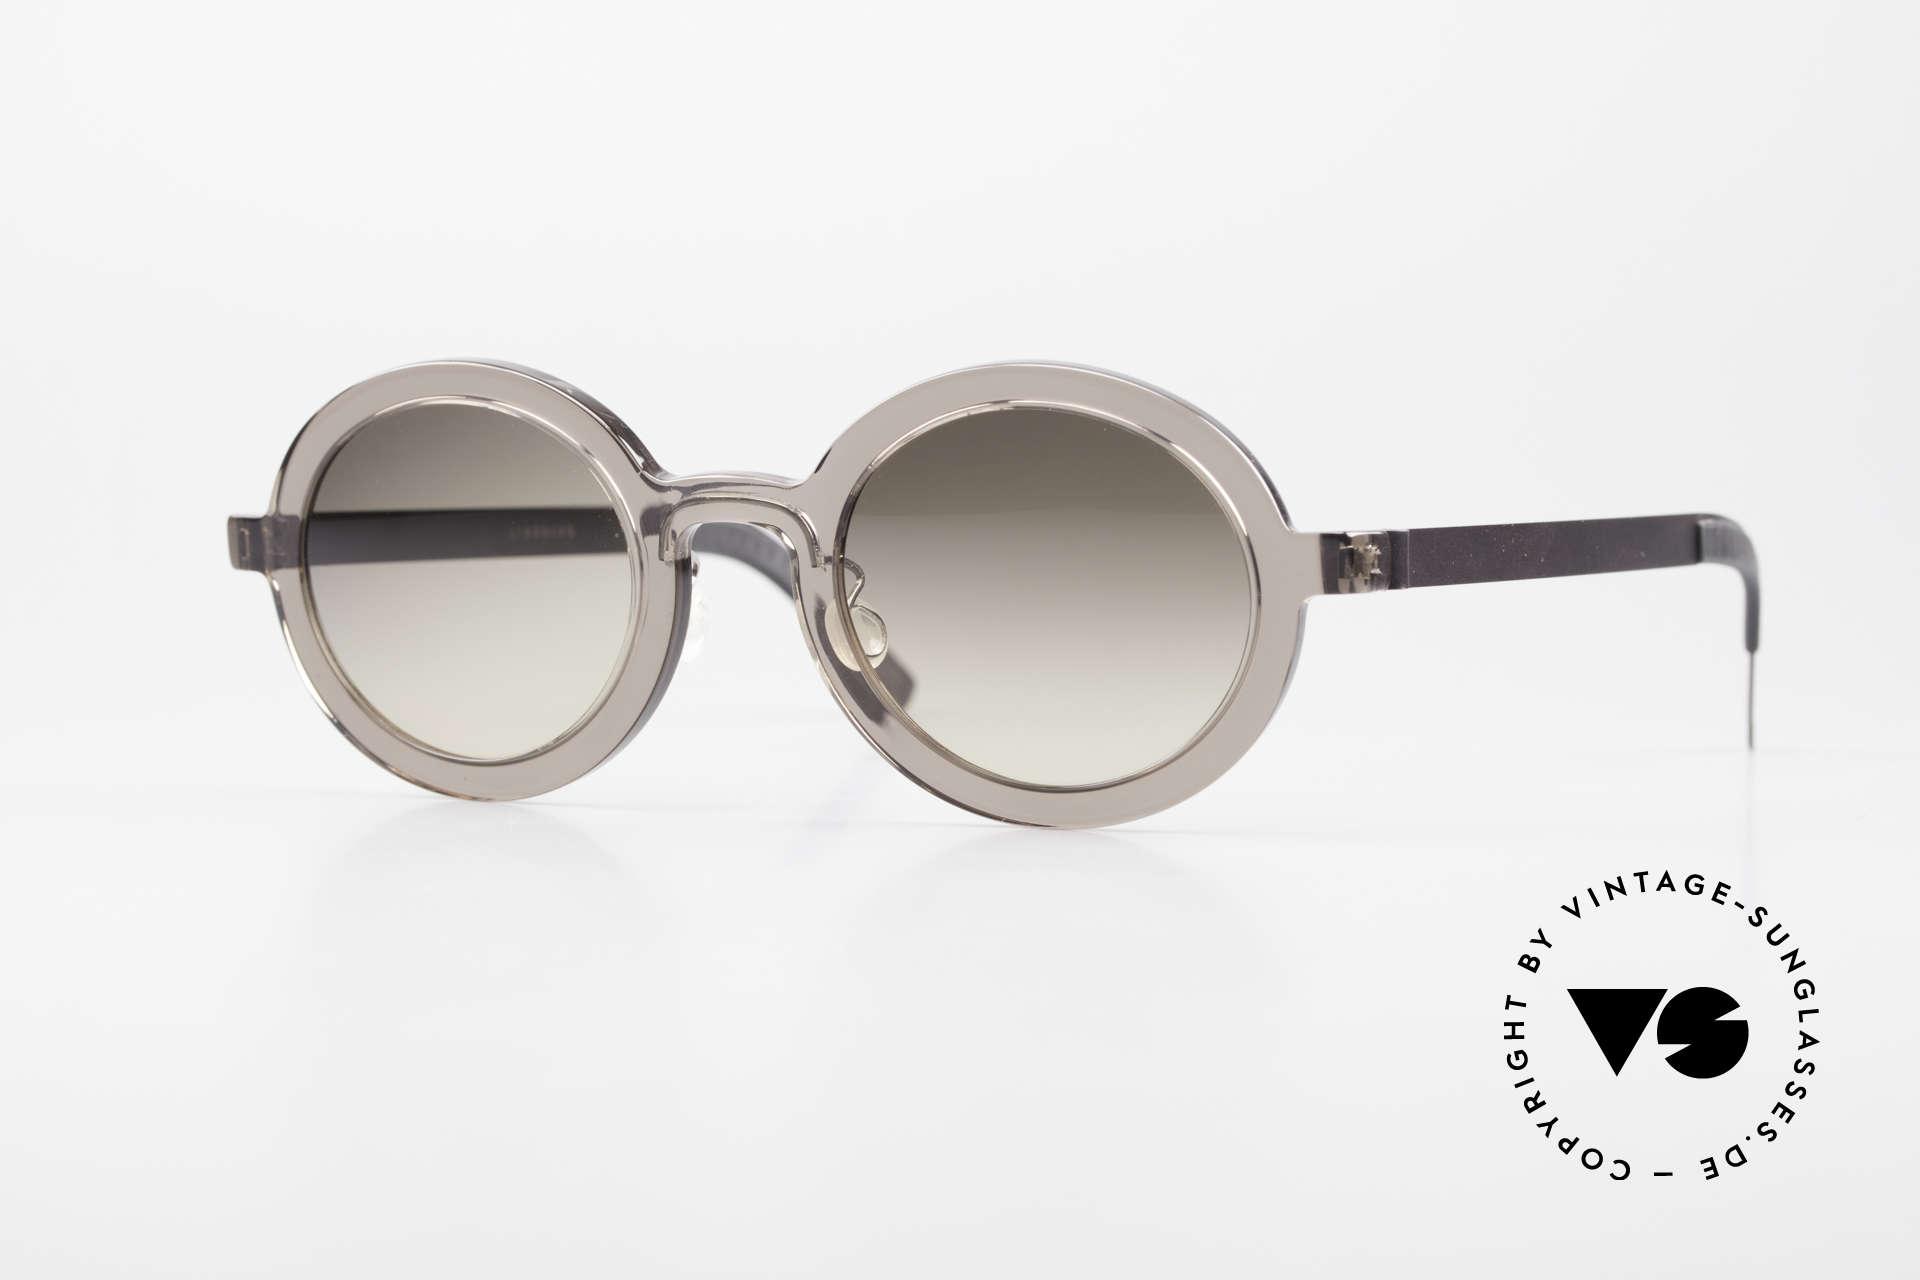 Lindberg 8570 Acetanium Oval Runde Sonnenbrille Unisex, LINDBERG Acetanium Sonnenbrille in Größe 46-23, 135, Passend für Herren und Damen